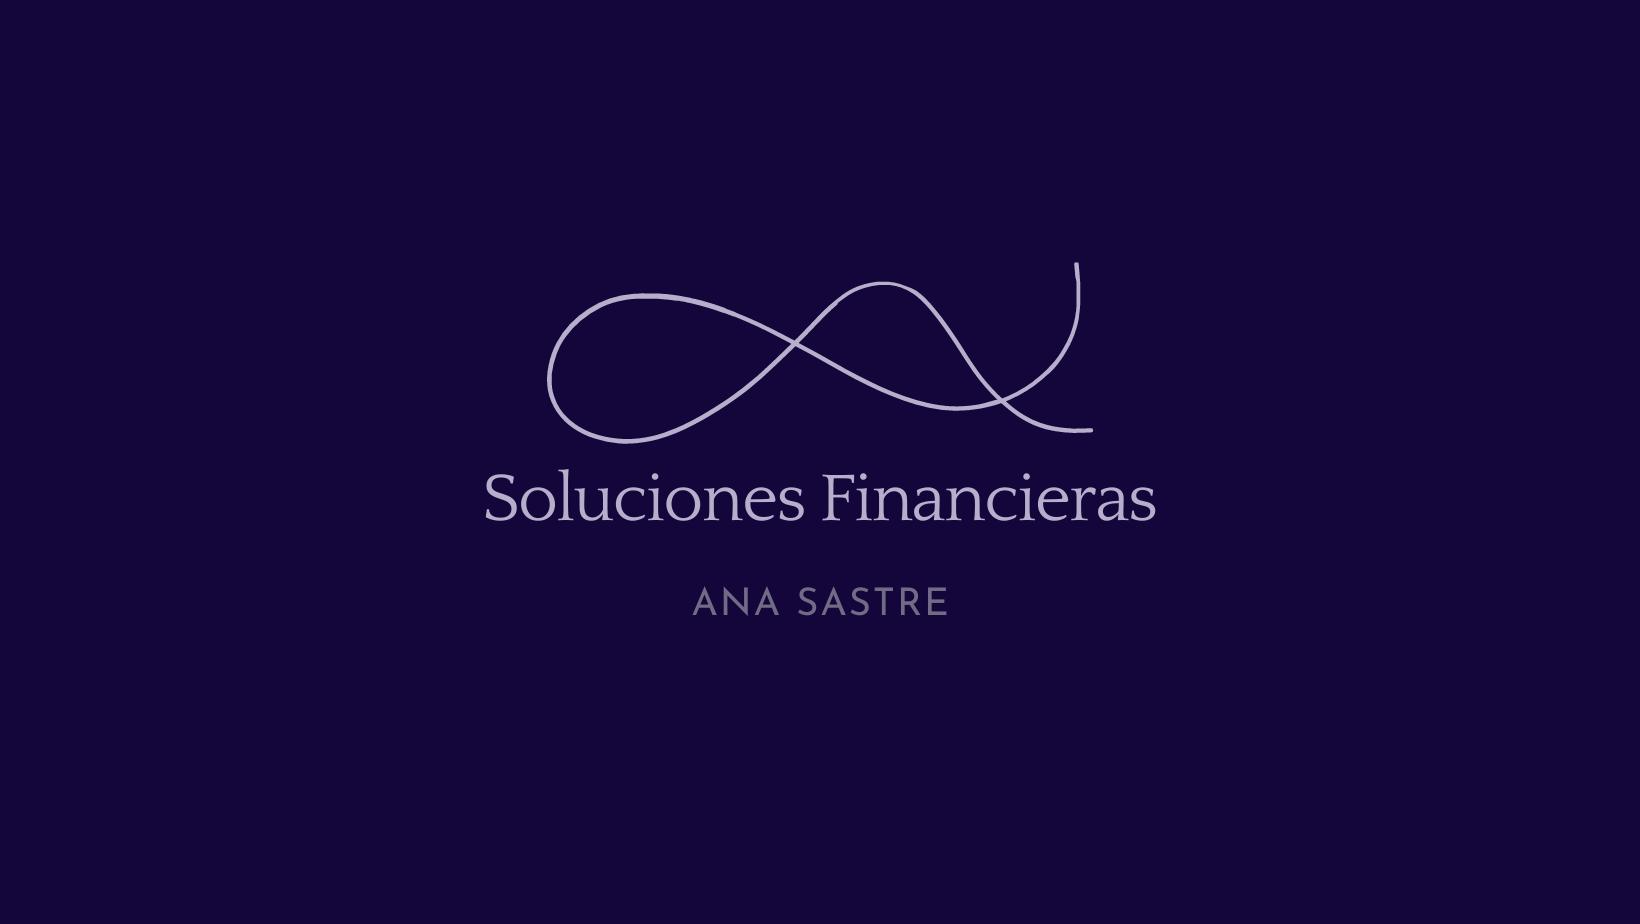 Soluciones Financieras Ana Sastre